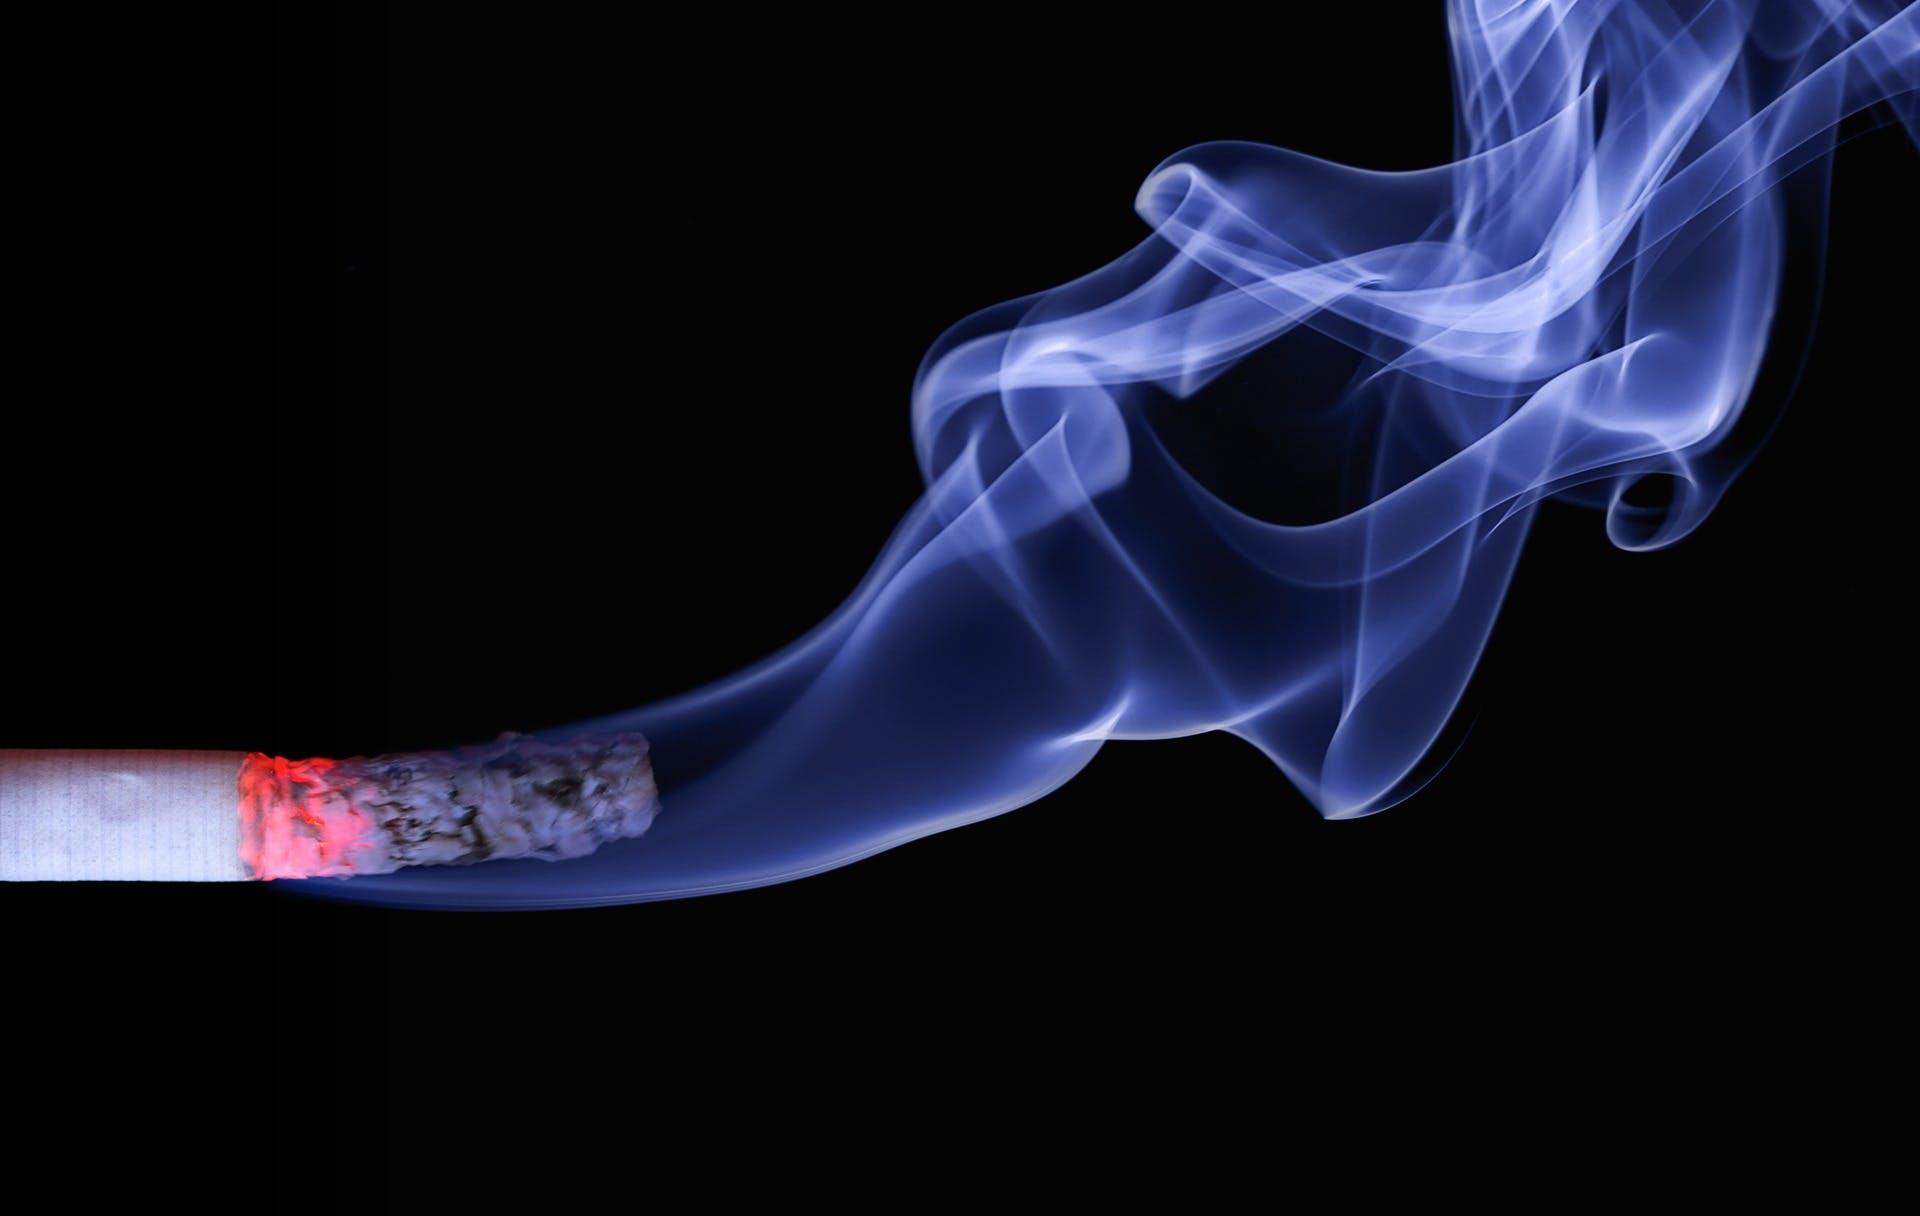 Zigarette-rauchen